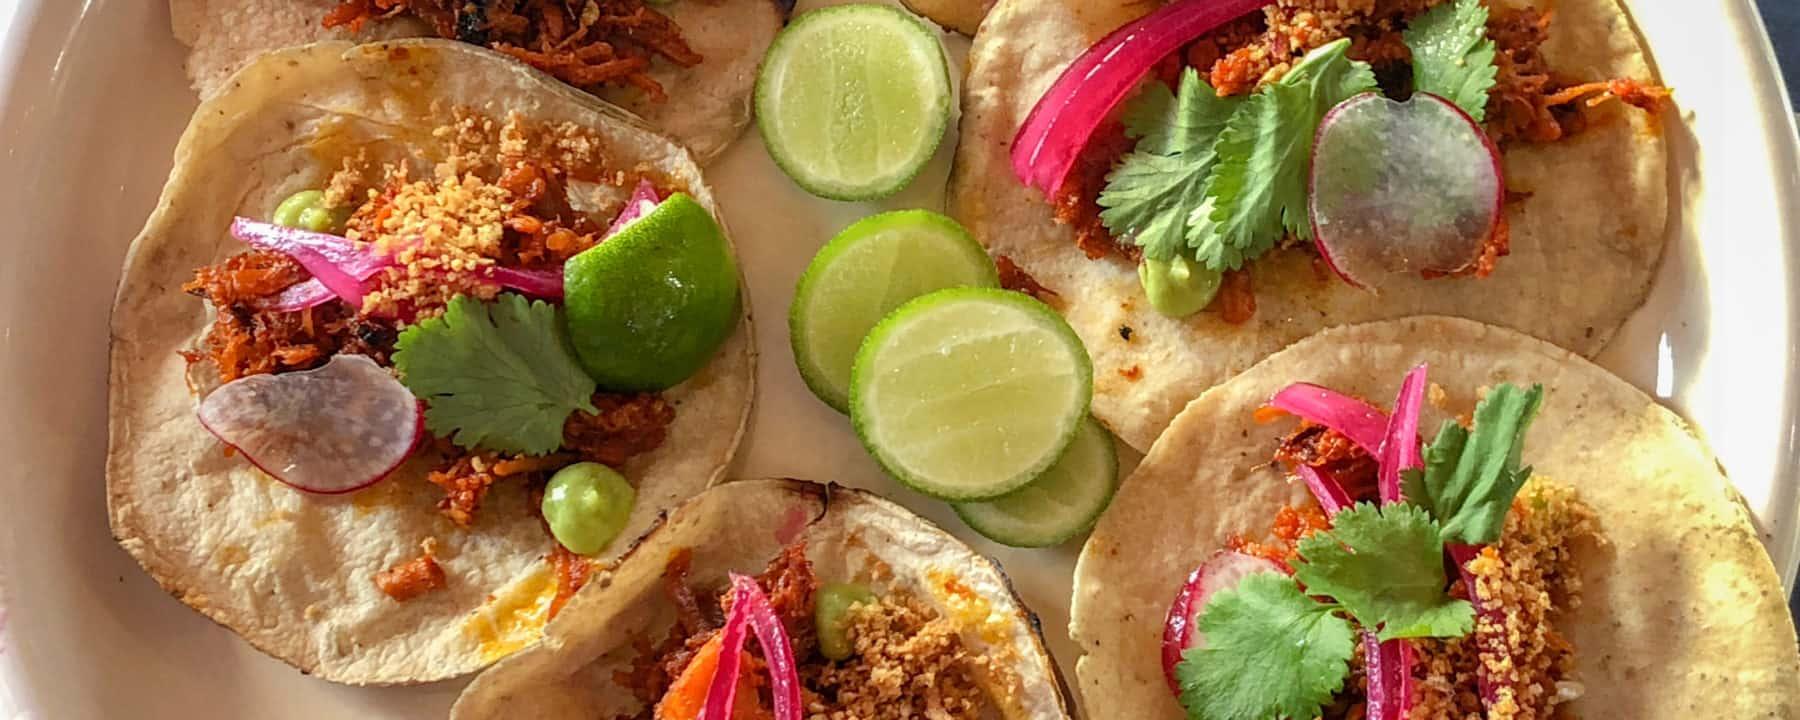 Suckling roast pig tacos at Casa Frida